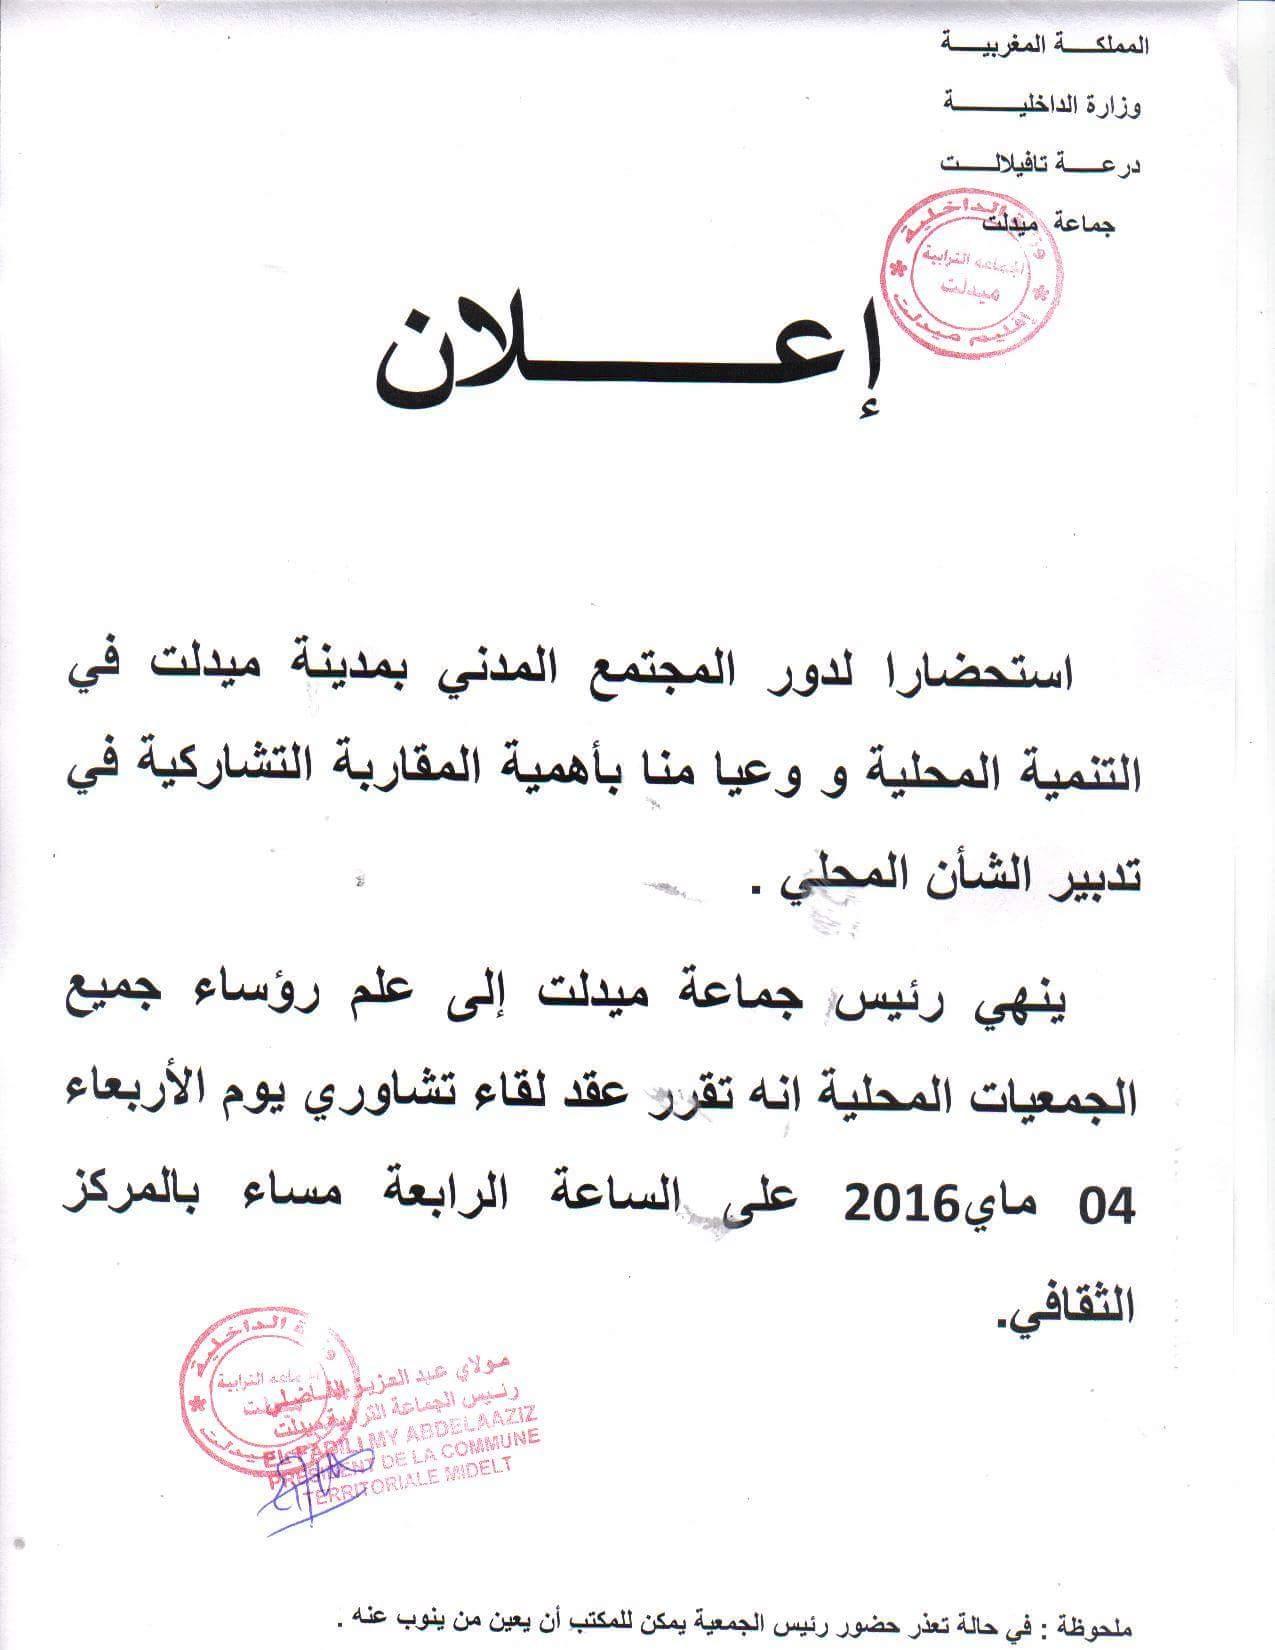 المجلس البلدي يدعو الجمعيات الى لقاء تشاوري